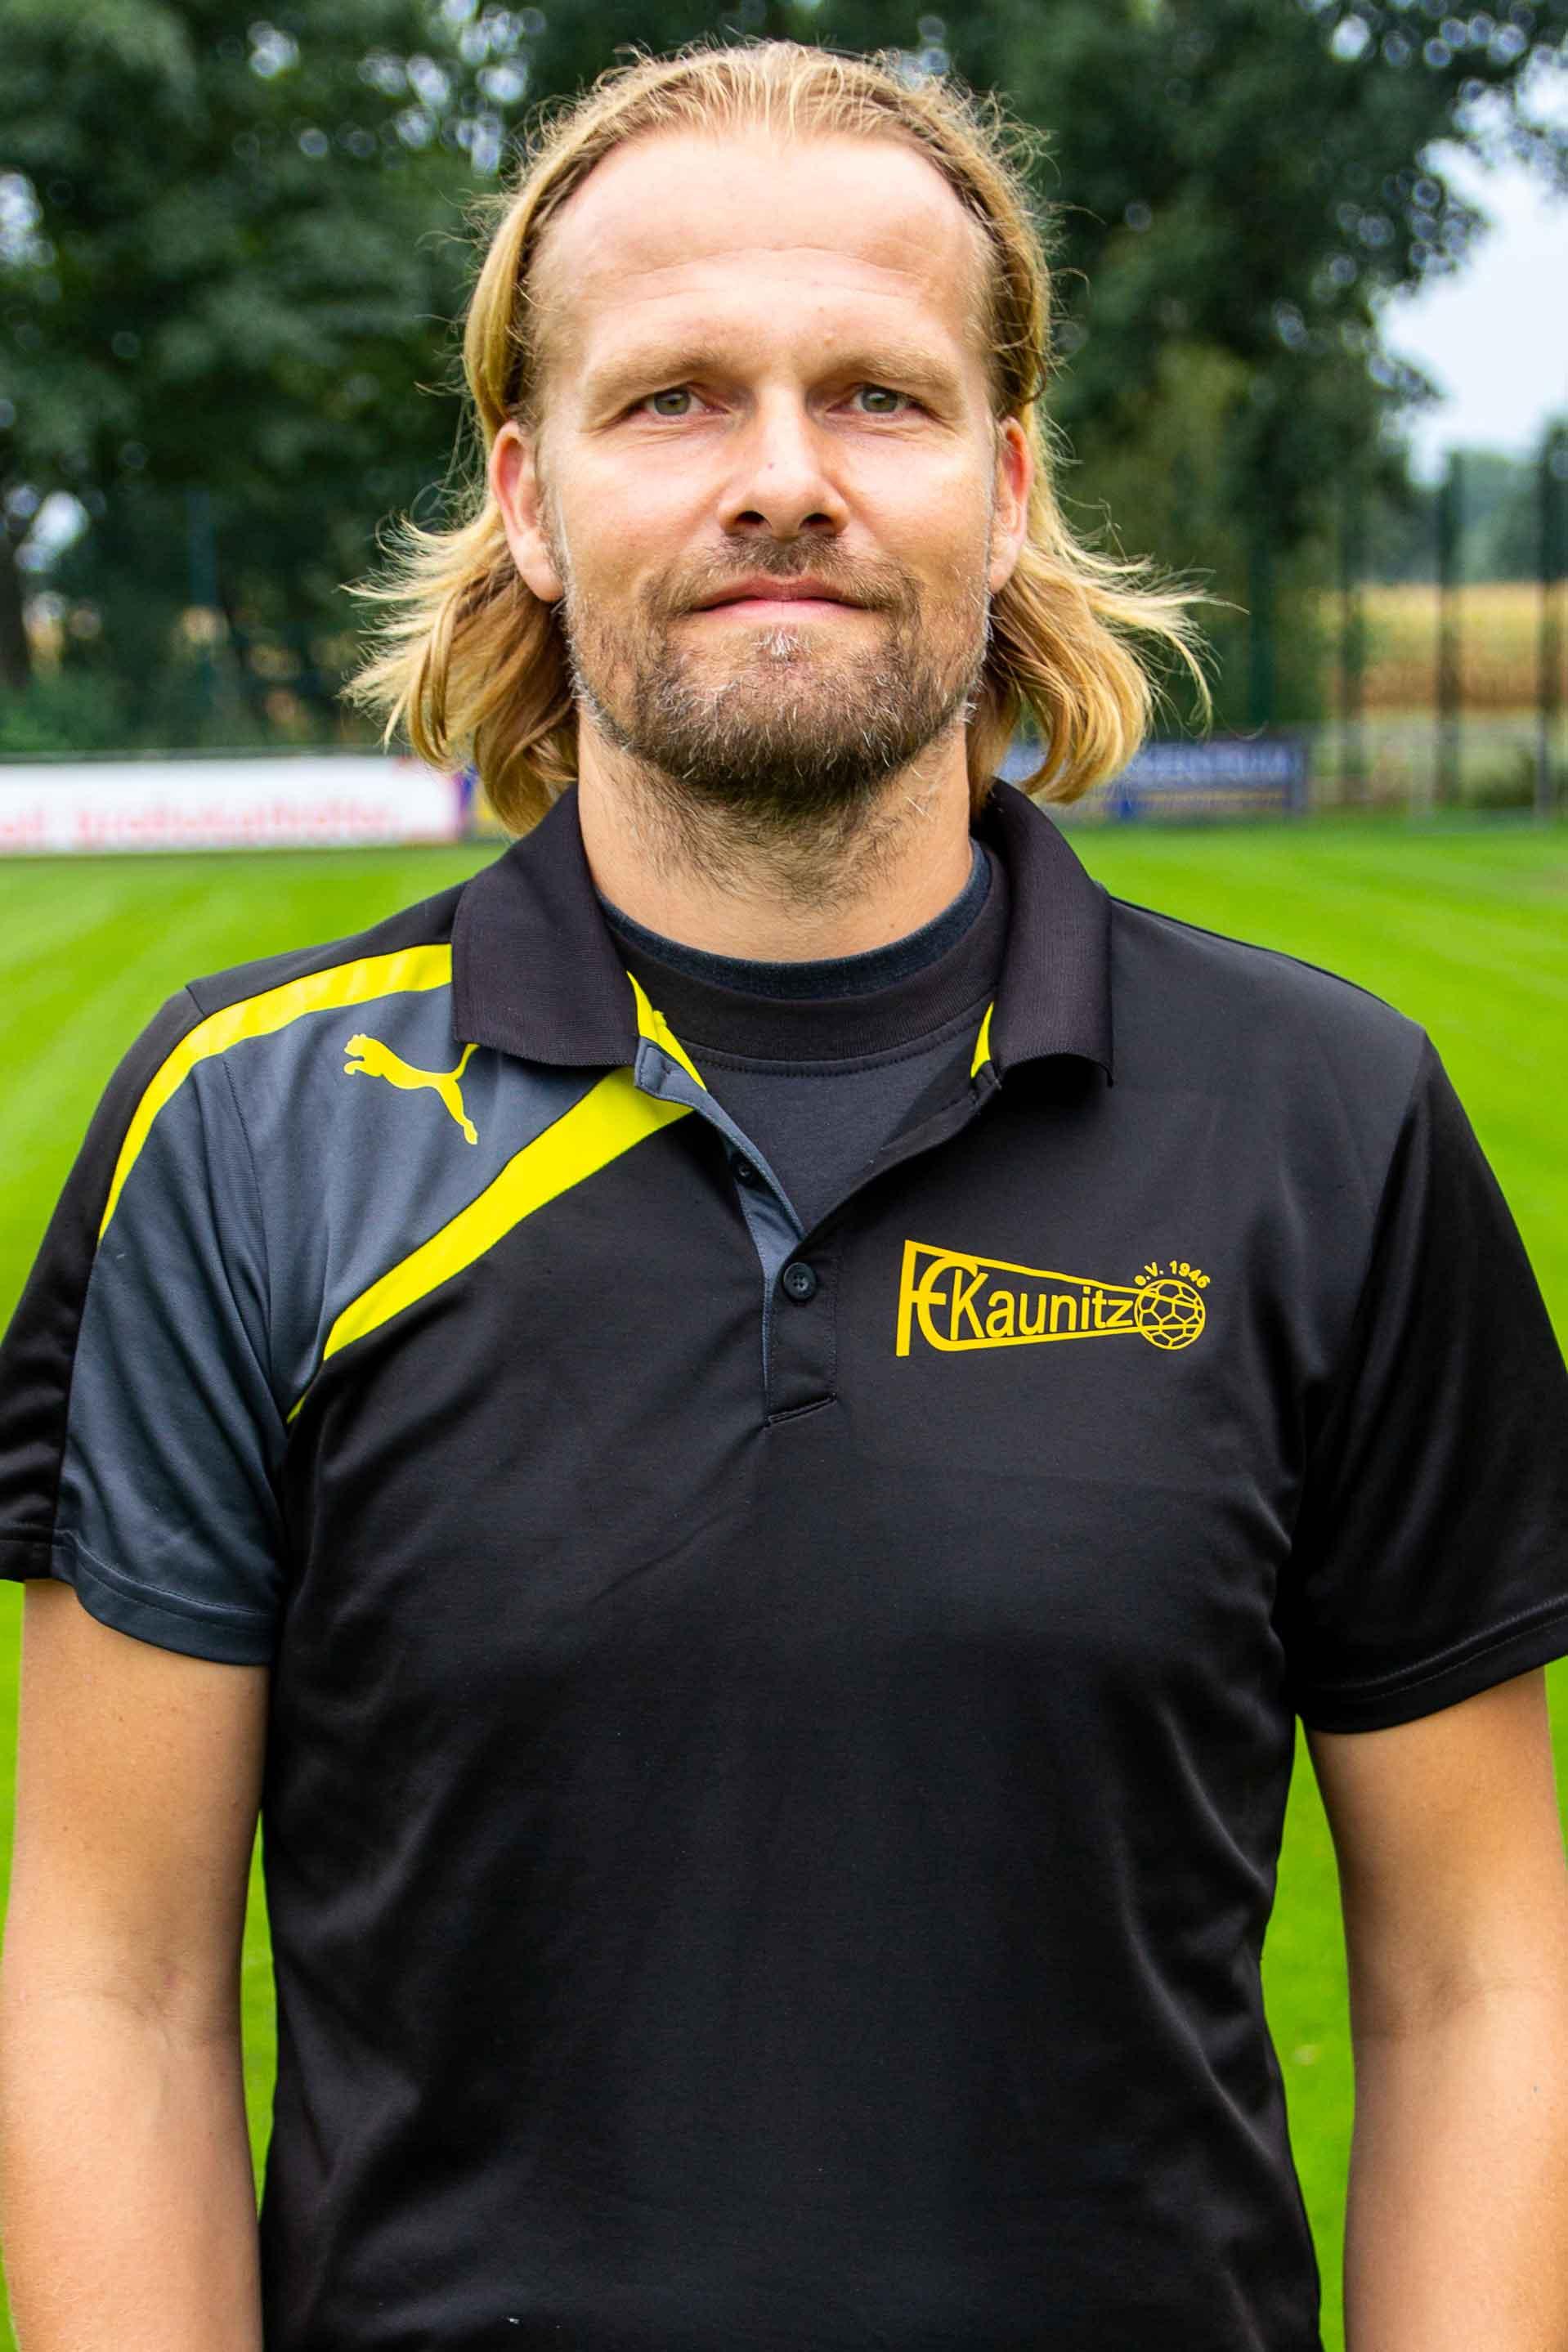 Martin Vorderbrügge